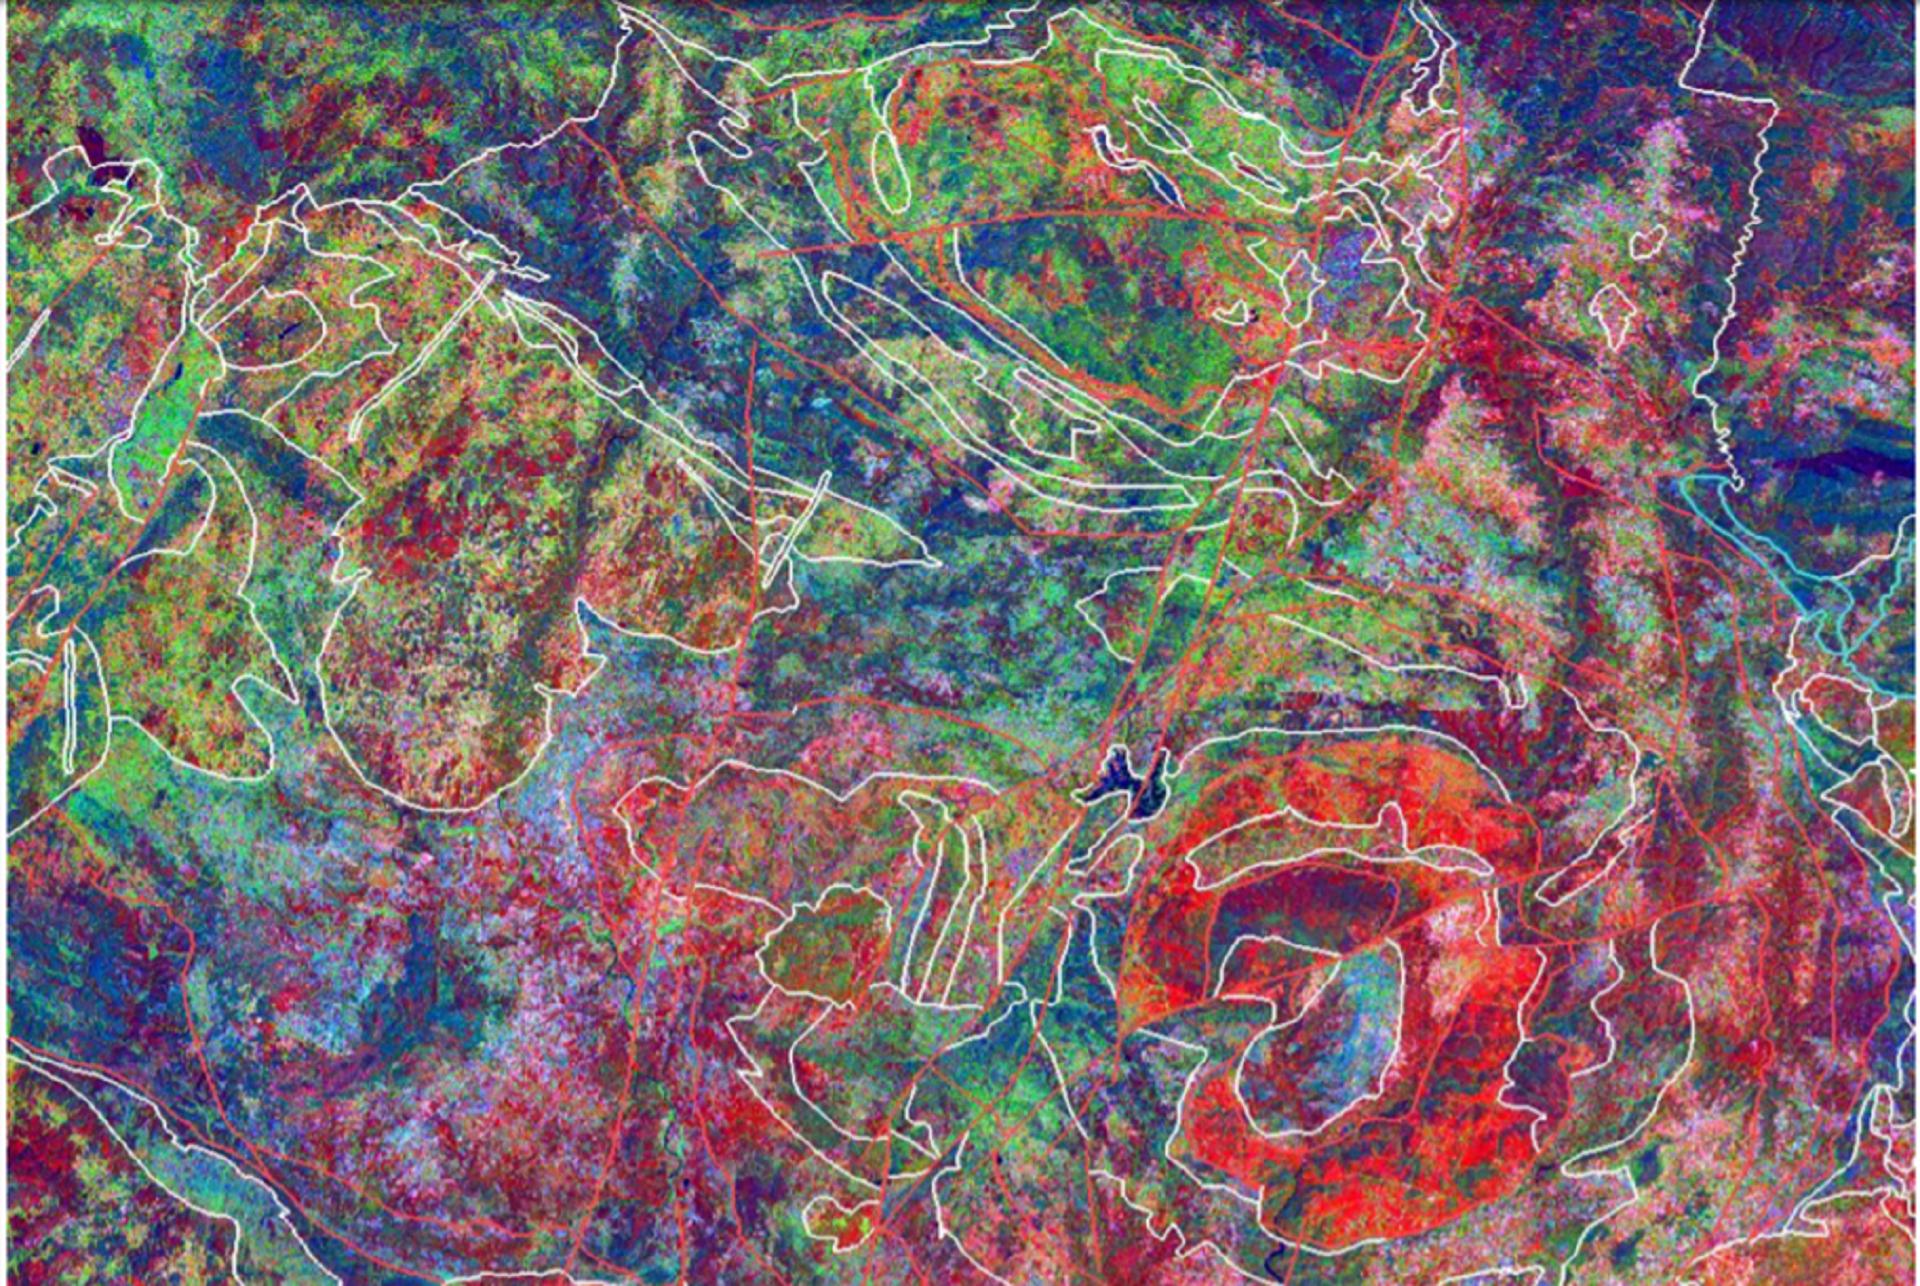 imagem satélite Nordeste Portugal